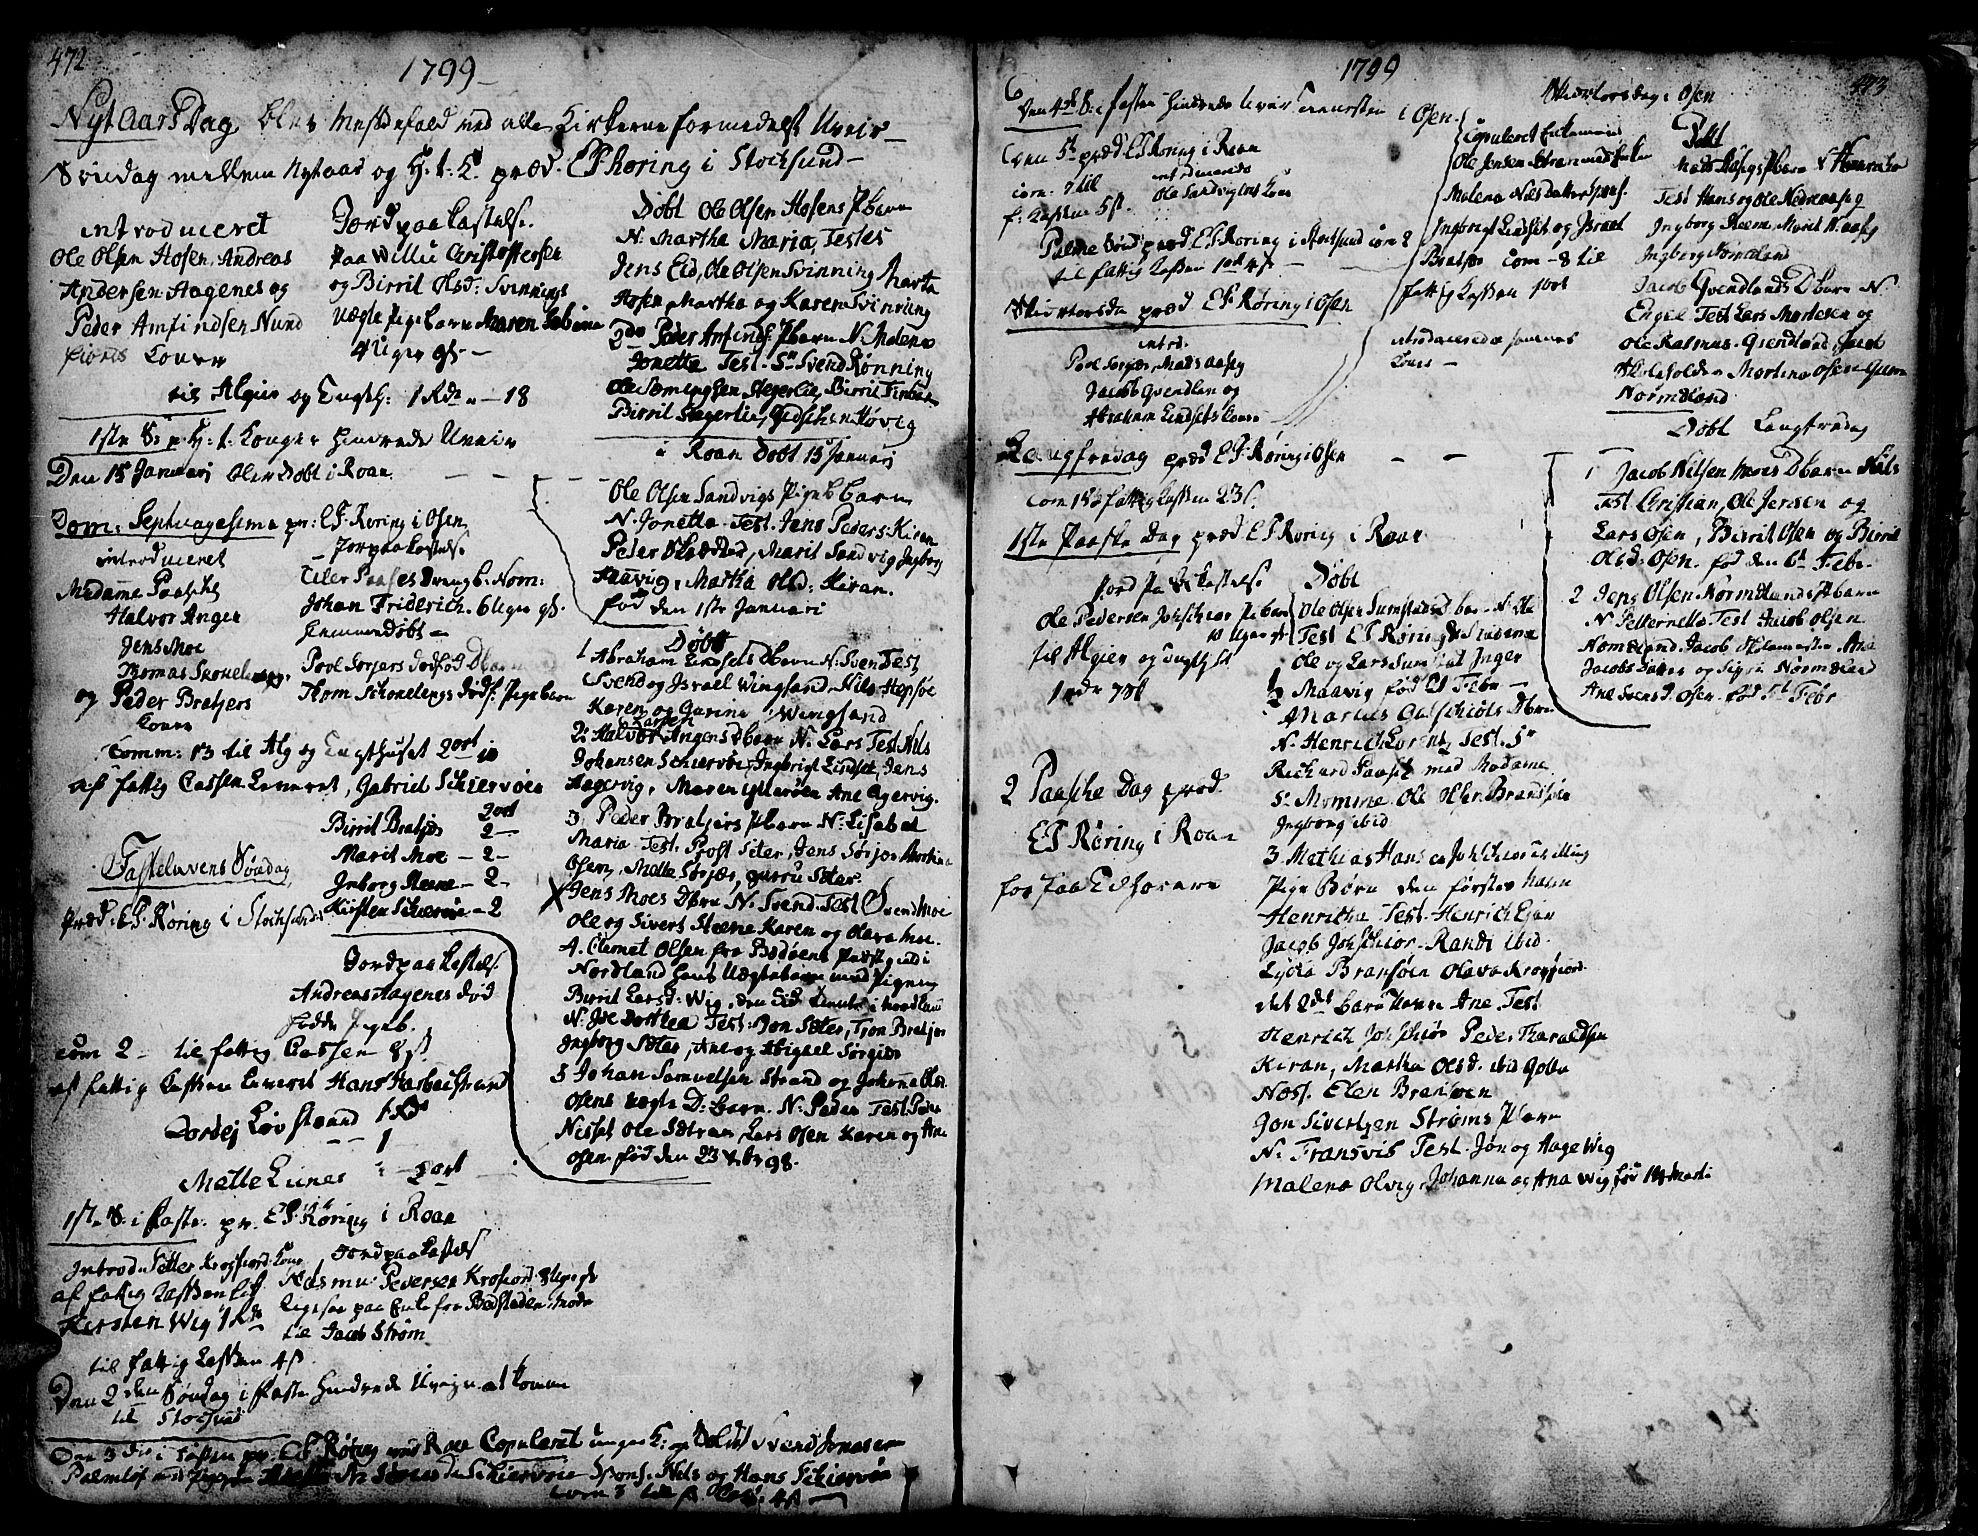 SAT, Ministerialprotokoller, klokkerbøker og fødselsregistre - Sør-Trøndelag, 657/L0700: Ministerialbok nr. 657A01, 1732-1801, s. 472-473